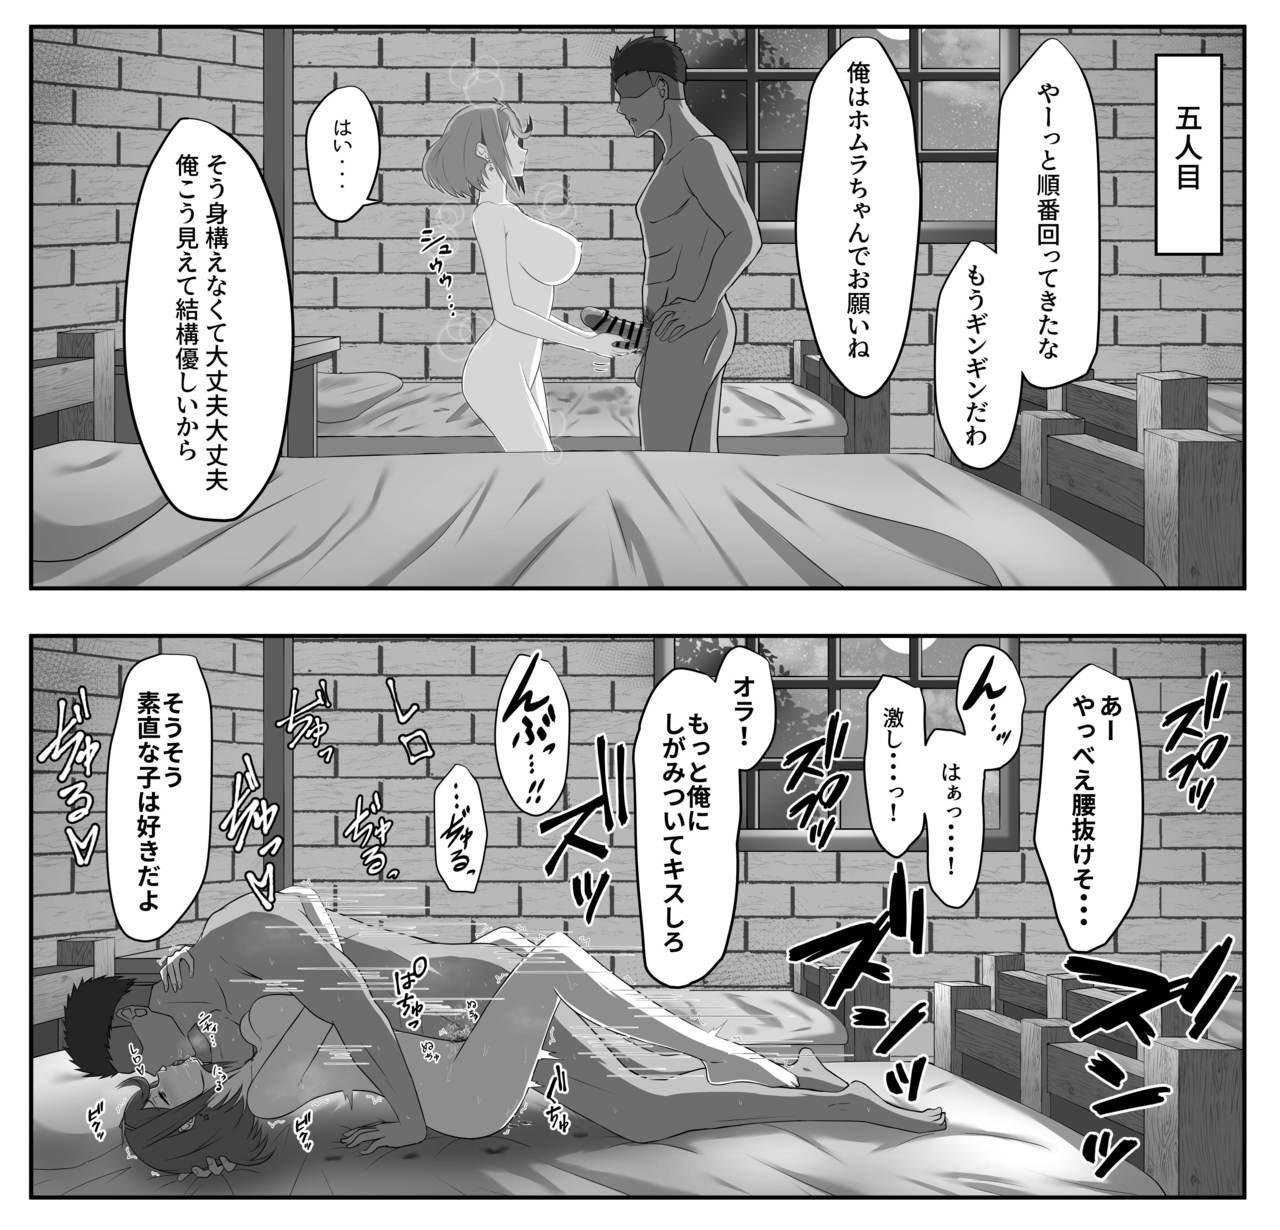 Yoheidan Ninmu no Hakensaki de 4